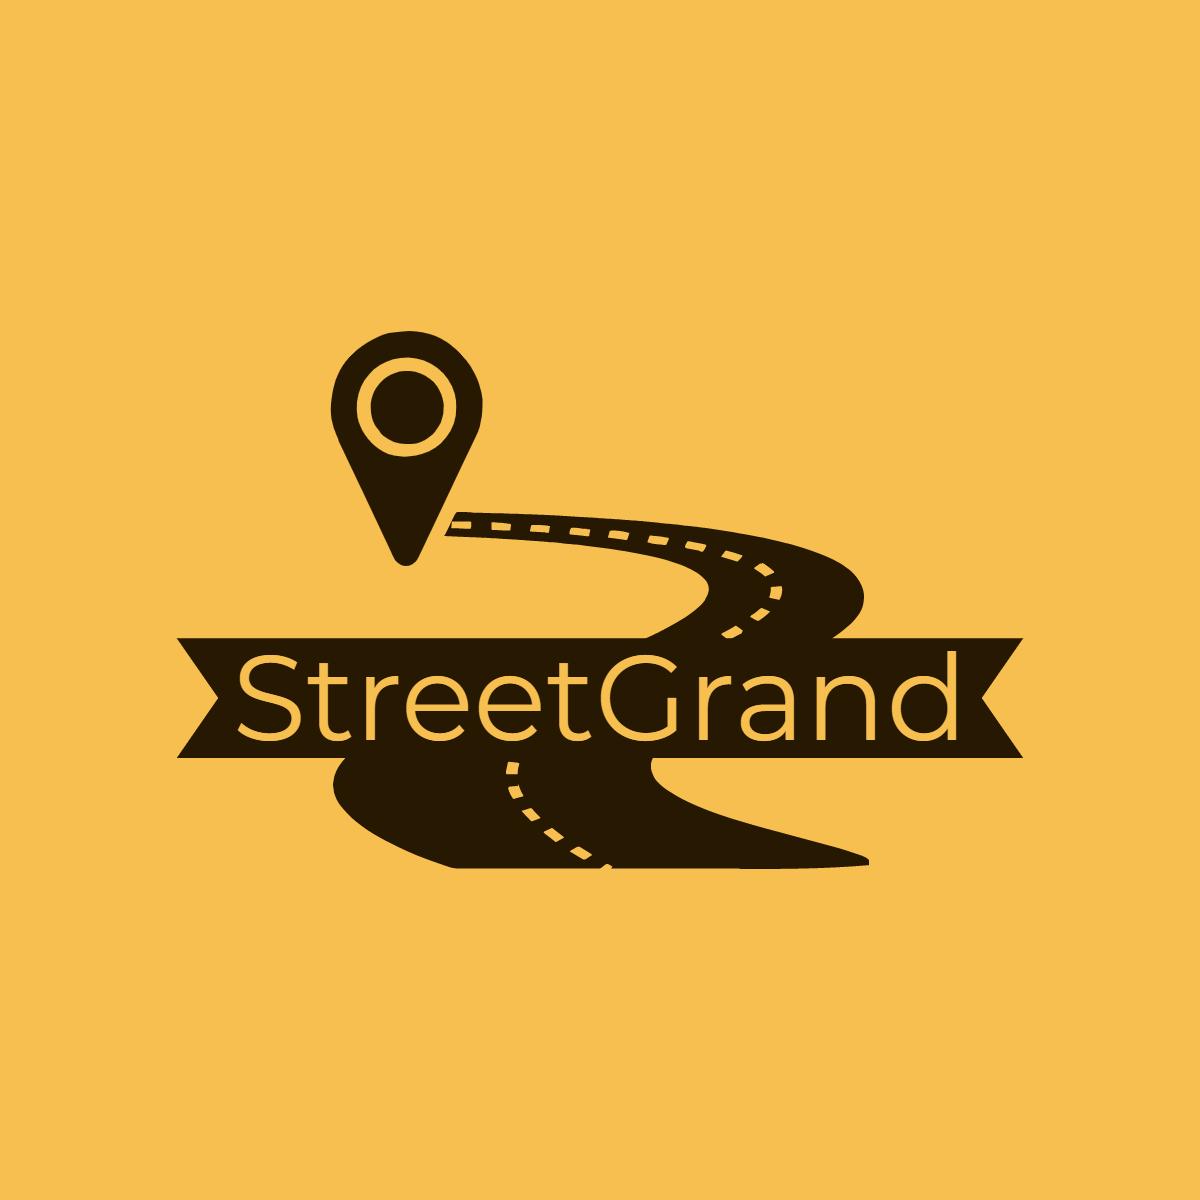 StreetGrand